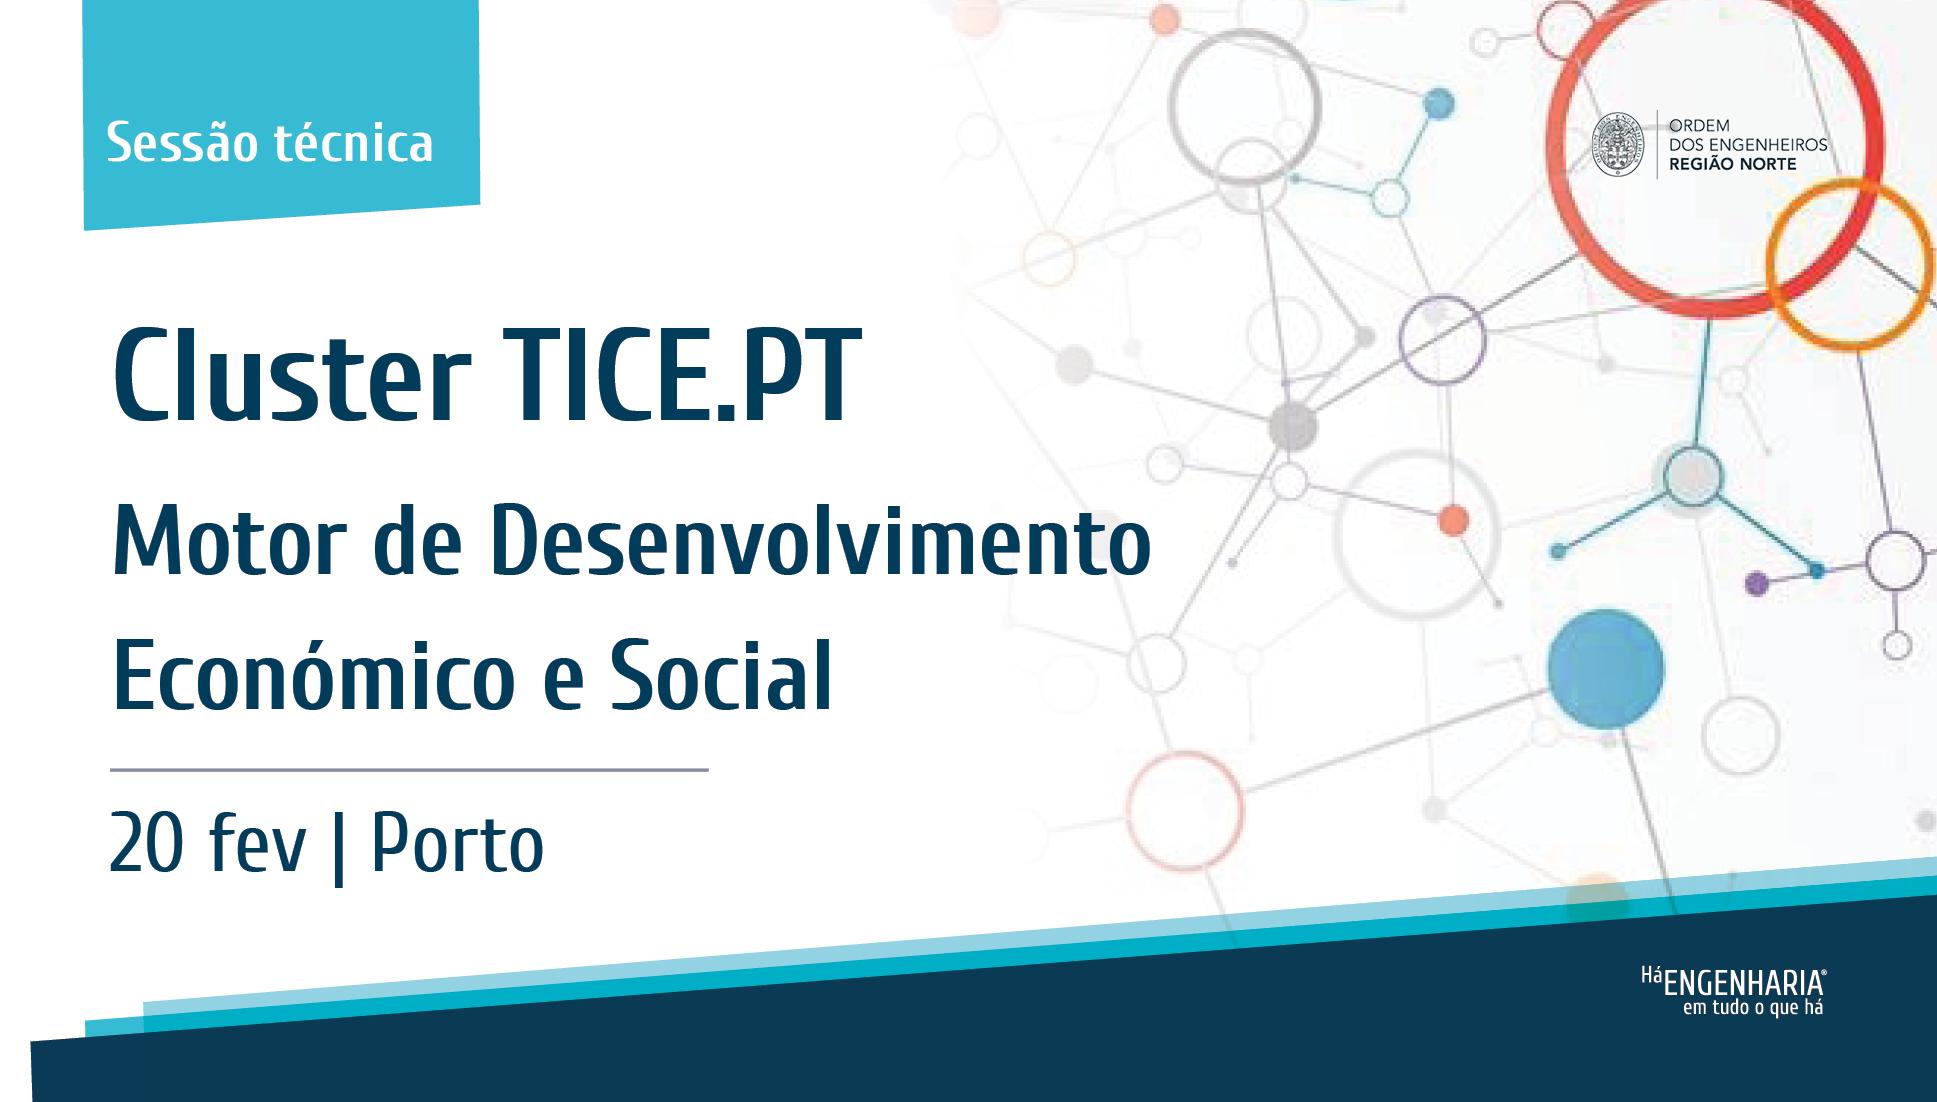 Plataforma Notícias Ordem Engenheiros Região Norte - CLUSTER TICE.PT: Motor de Desenvolvimento Económico e Social